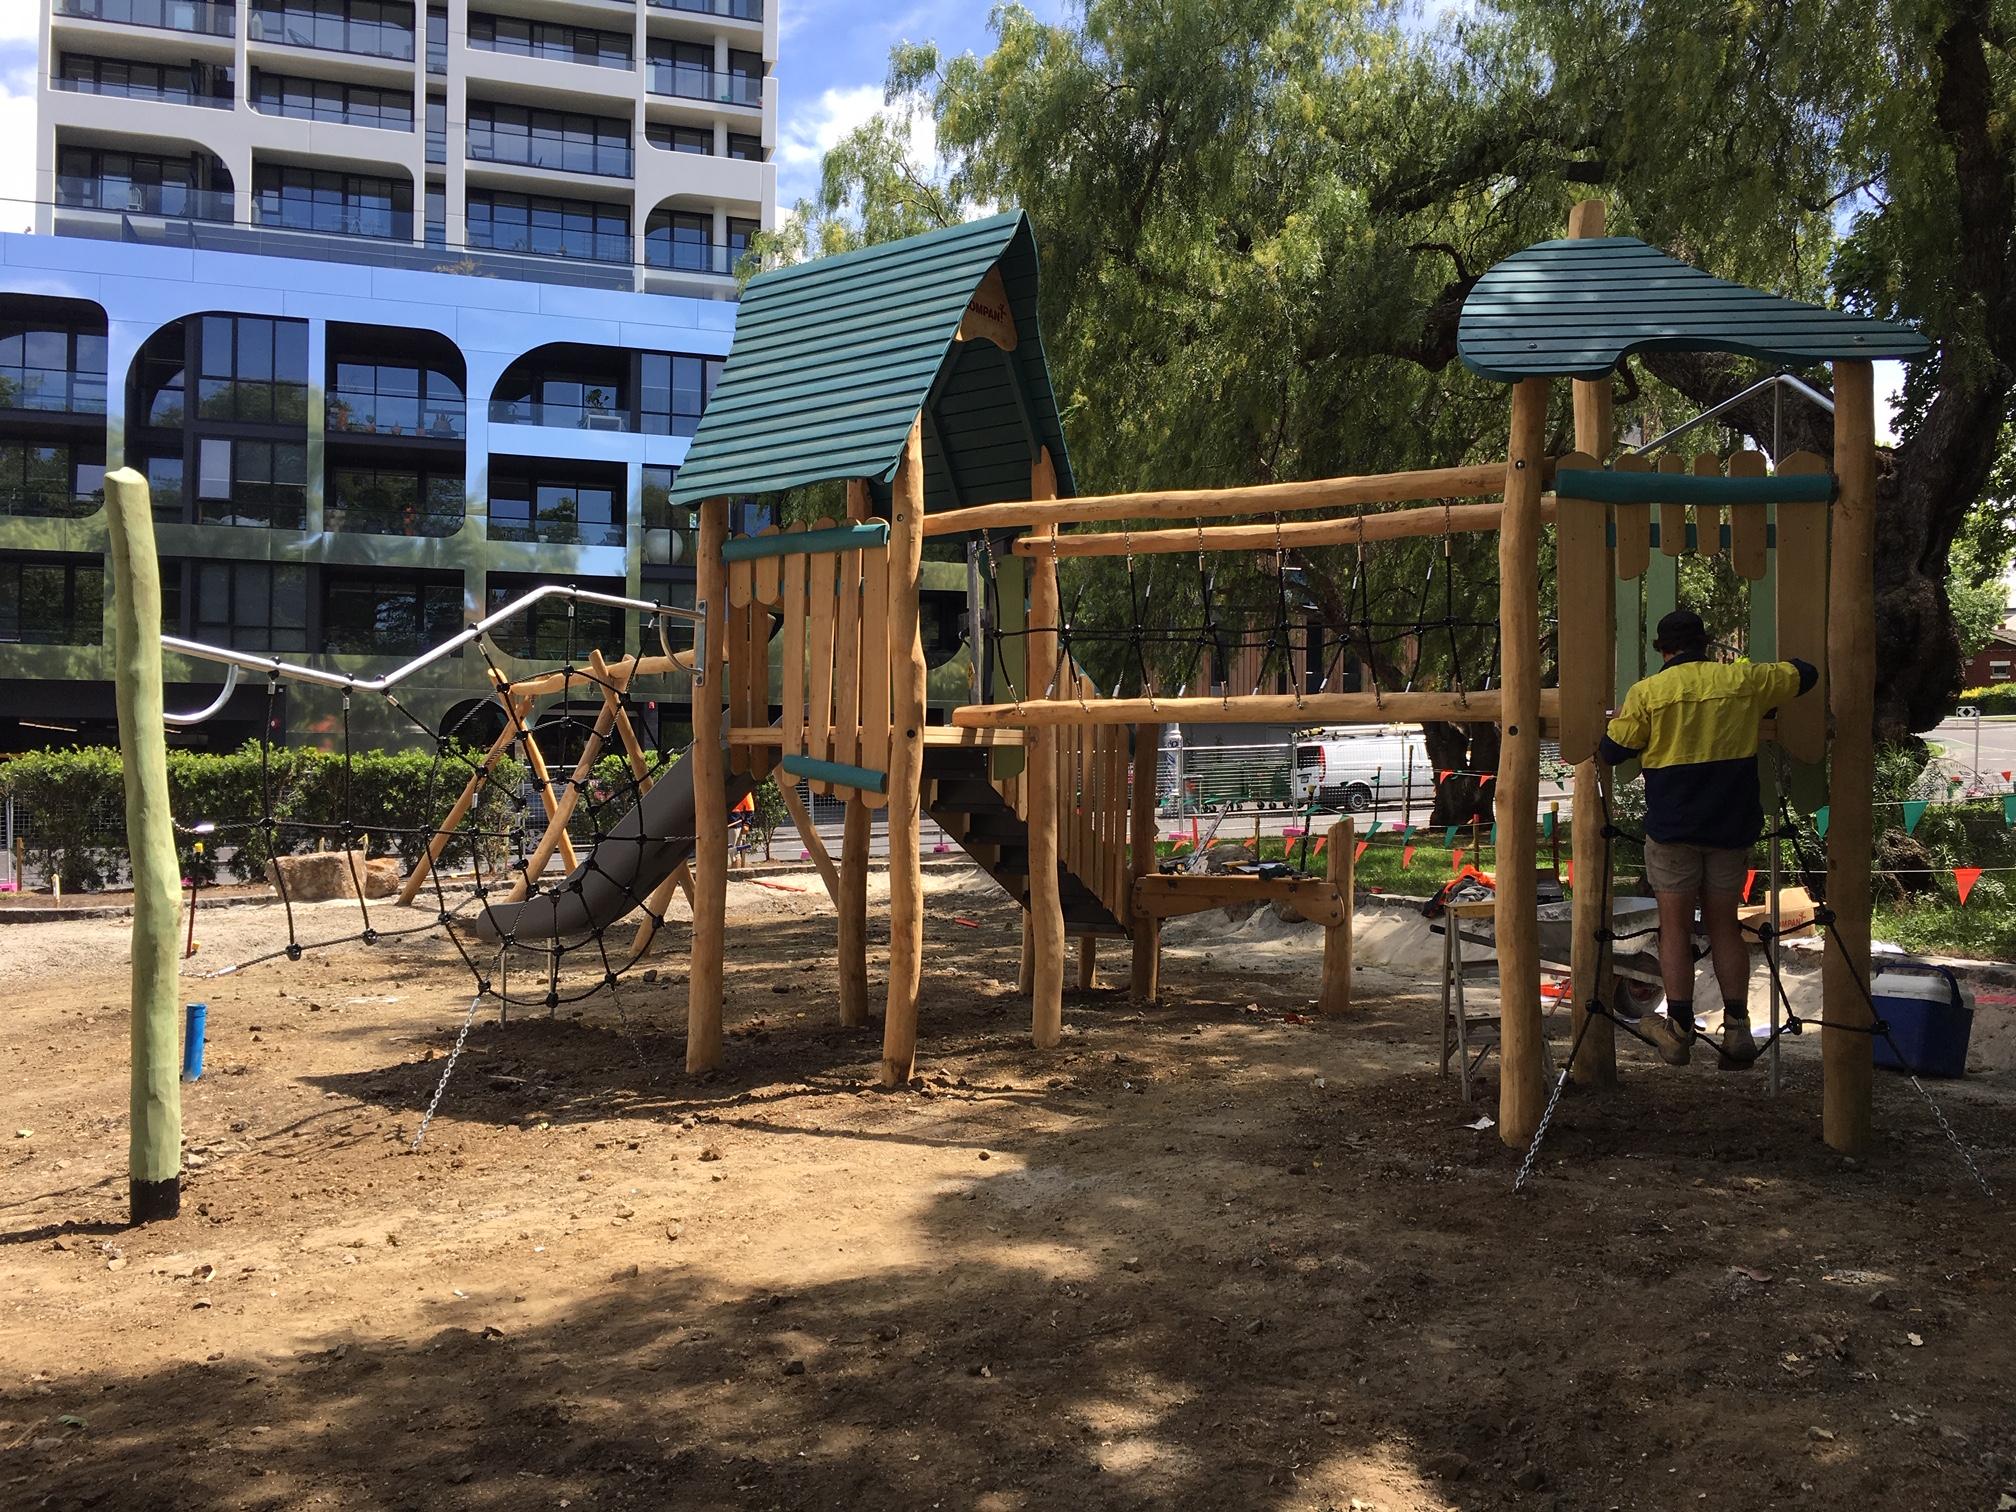 Playground under construction